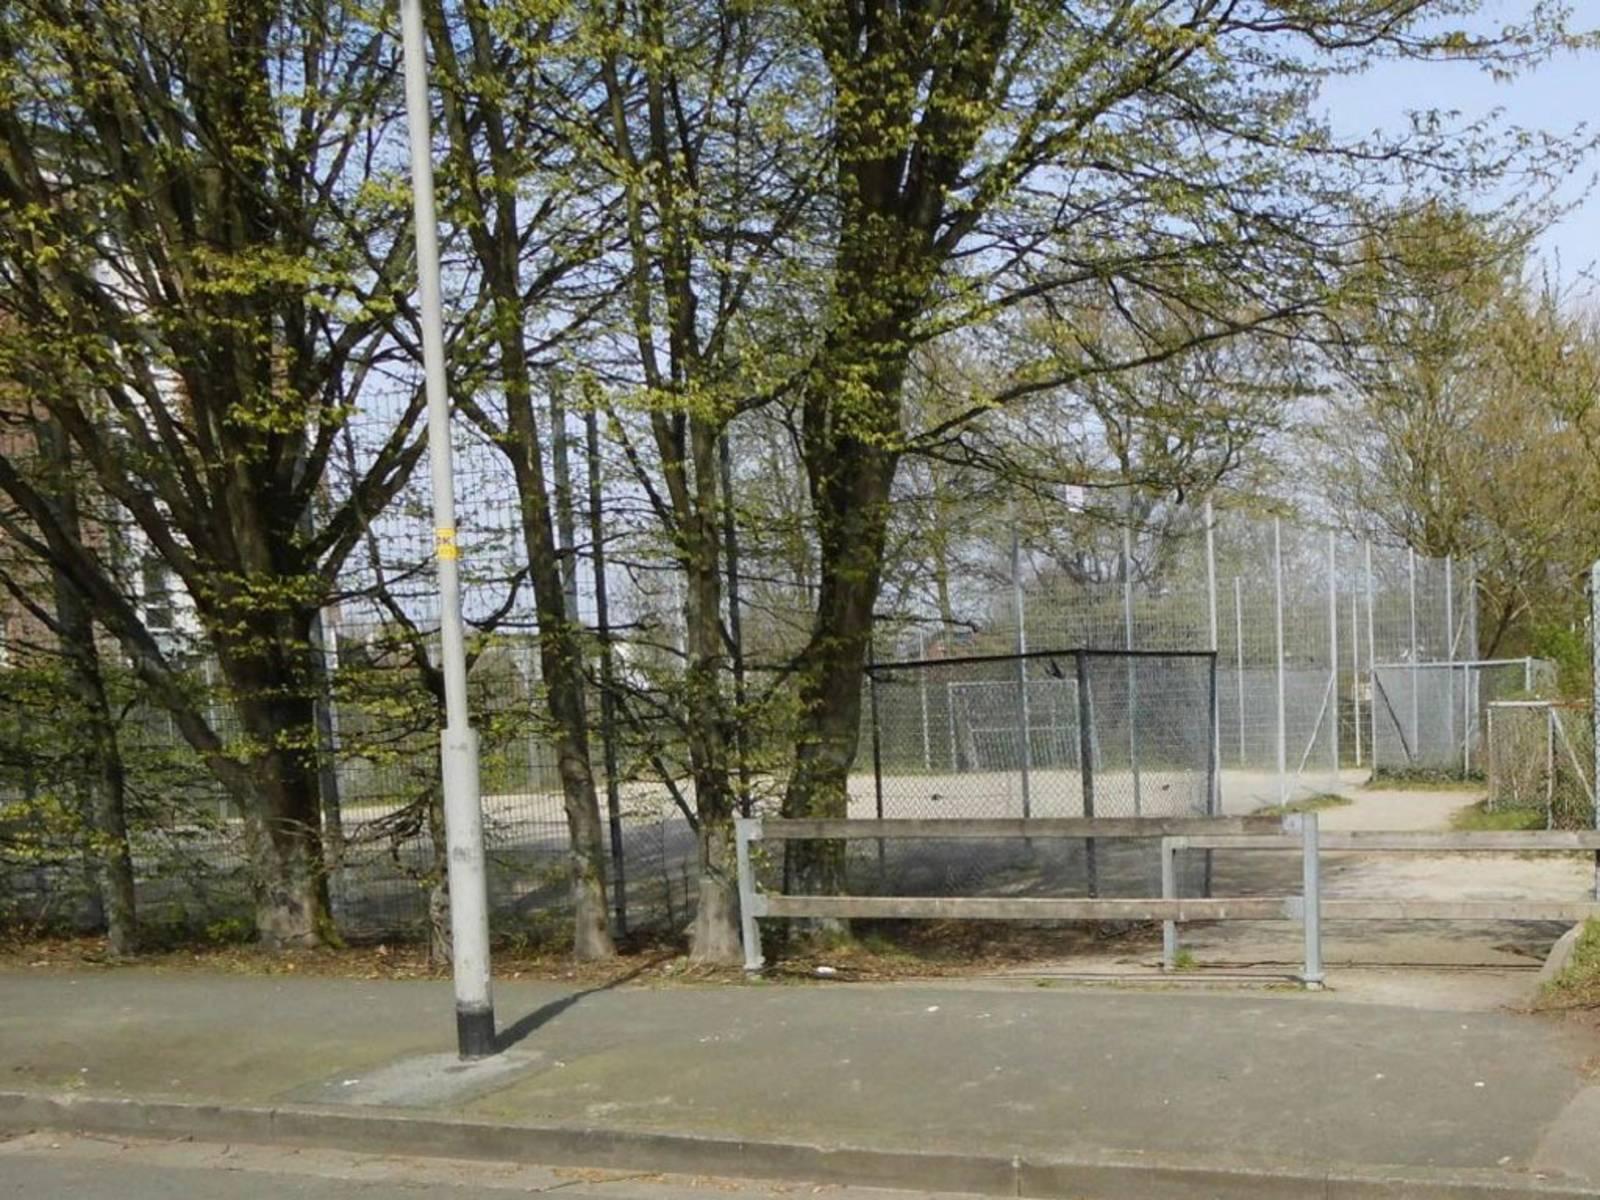 Ein umzäunter Bolzplatz umrandet von Bäumen